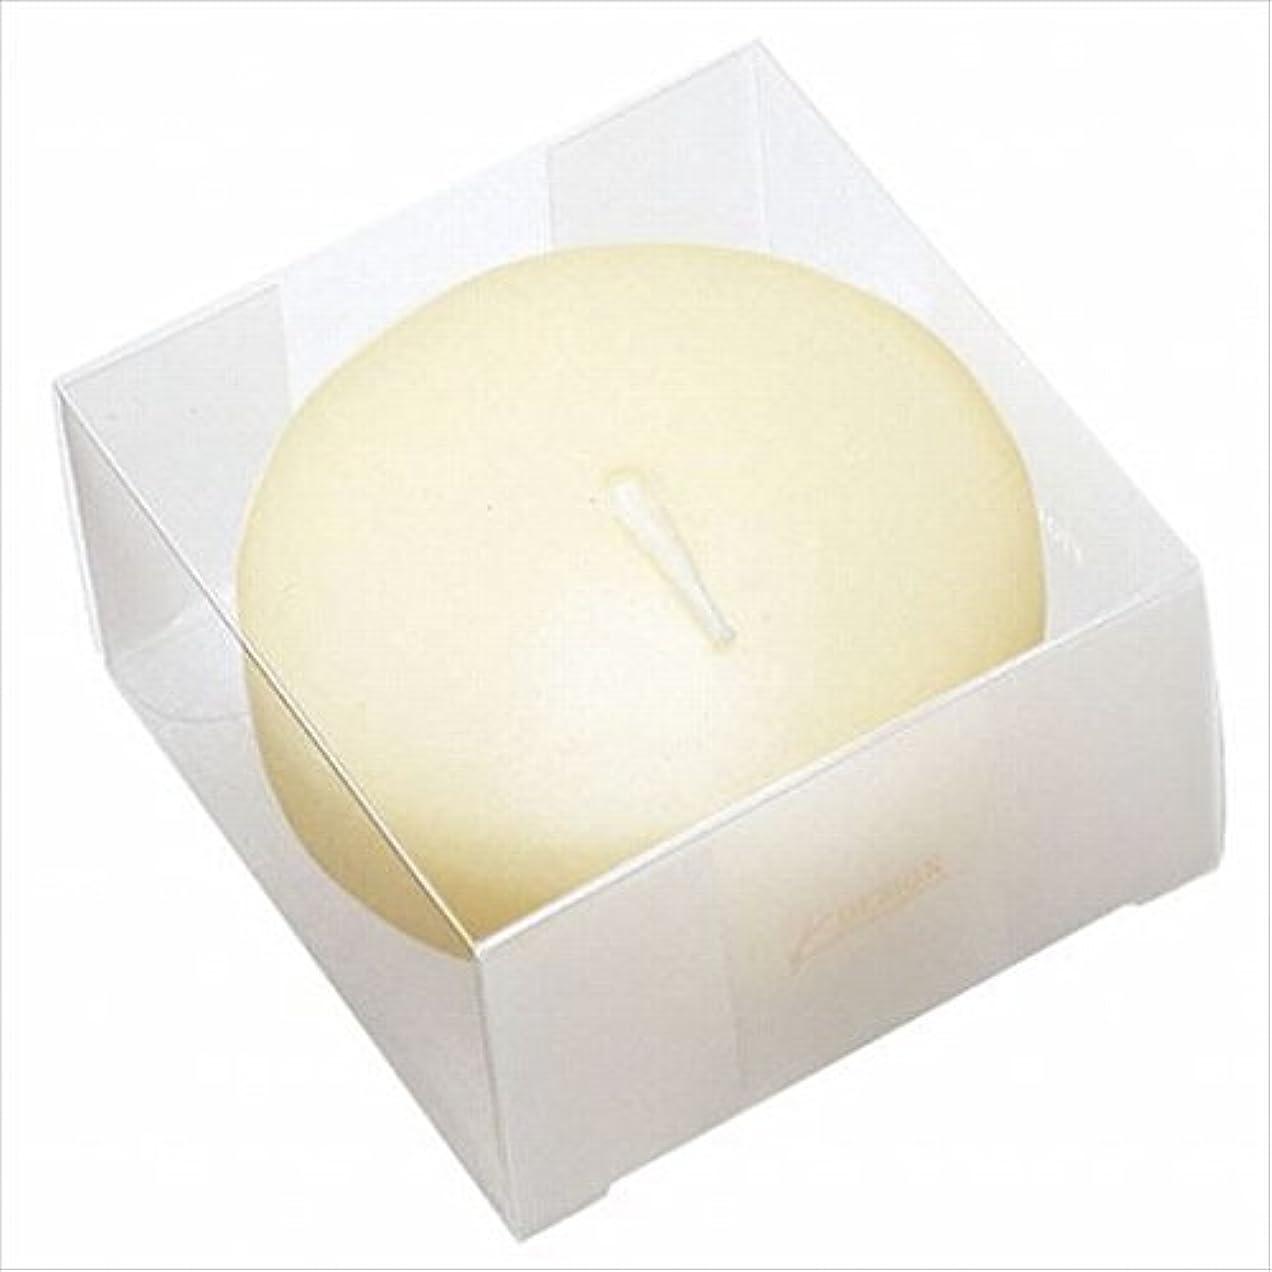 ばか擁する義務付けられたカメヤマキャンドル( kameyama candle ) プール80 (箱入り) 「 アイボリー 」 キャンドル